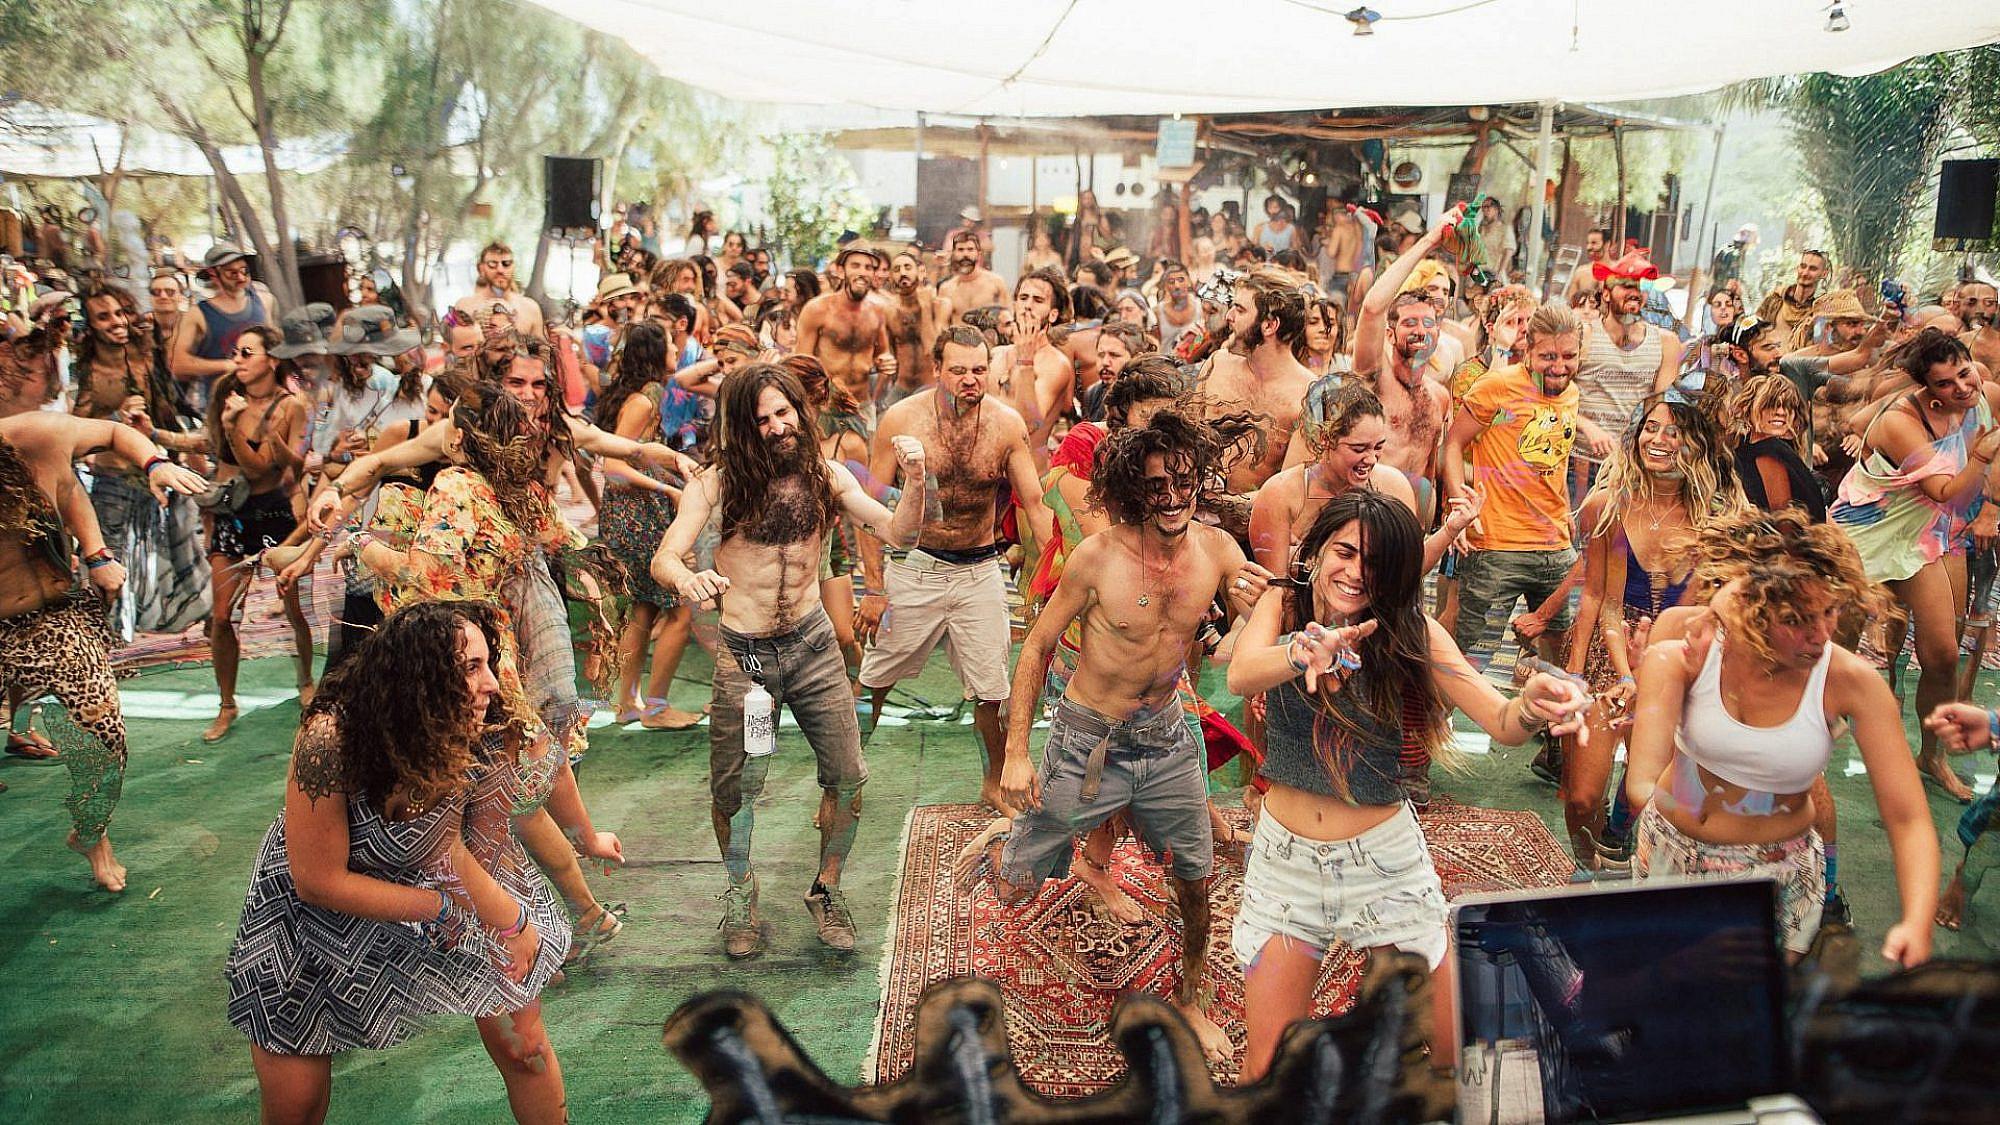 """לא אומרים את המילה """"טראנס"""". פסטיבל דזרט בייס מבית פיוז'ן קאלצ'ר (צילום: גל אור יצחק)"""